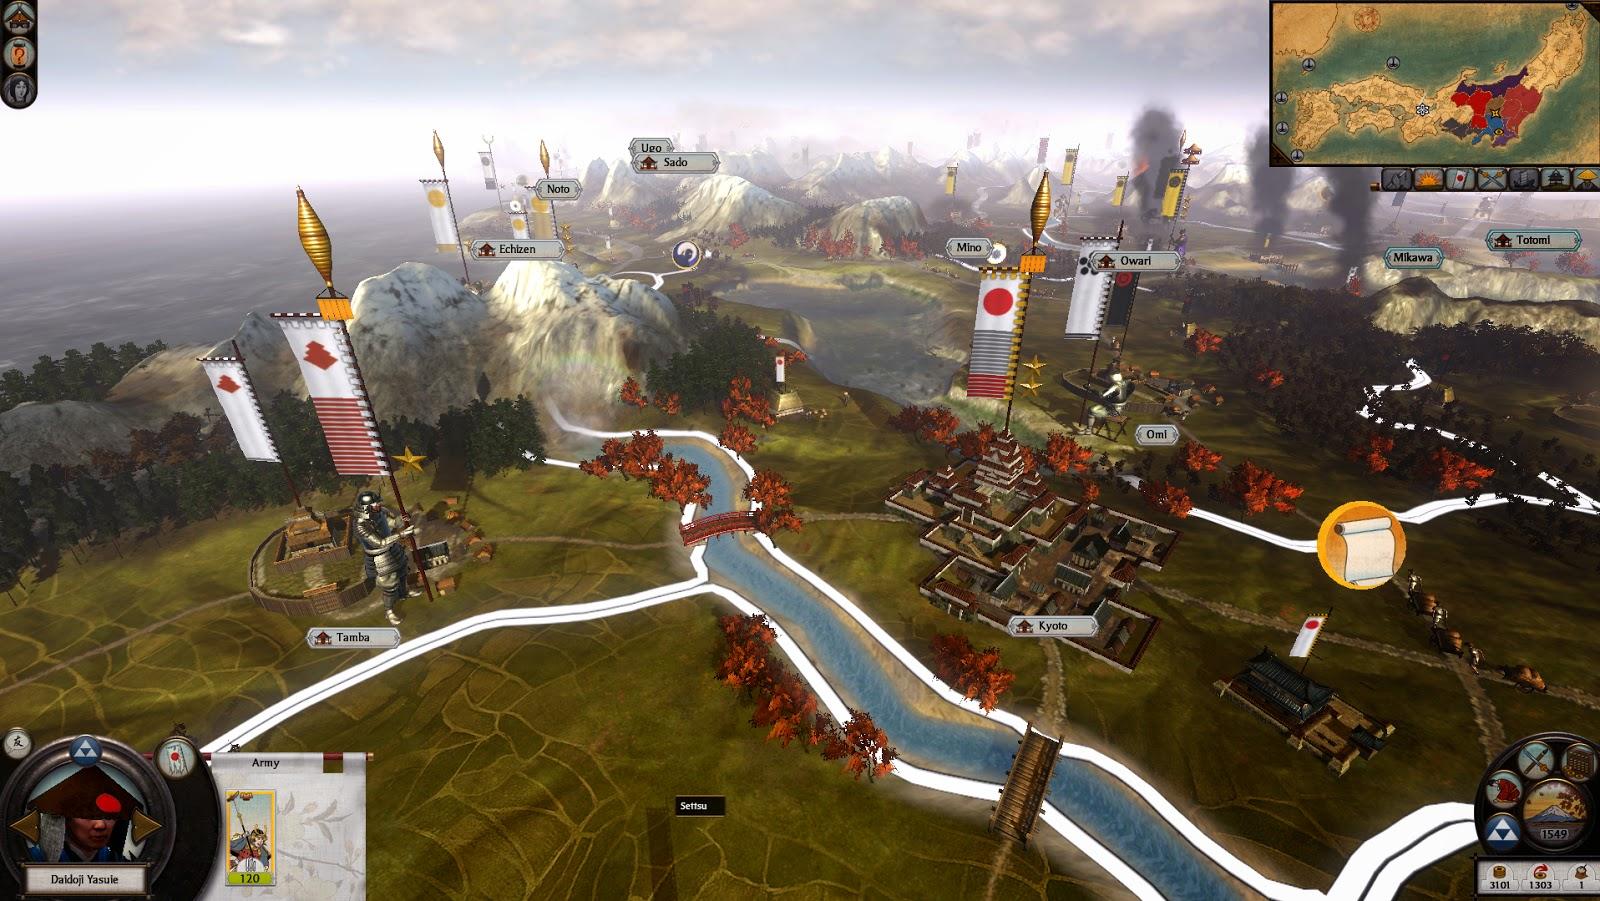 Total war shogun 2 pc/mac download official full game.